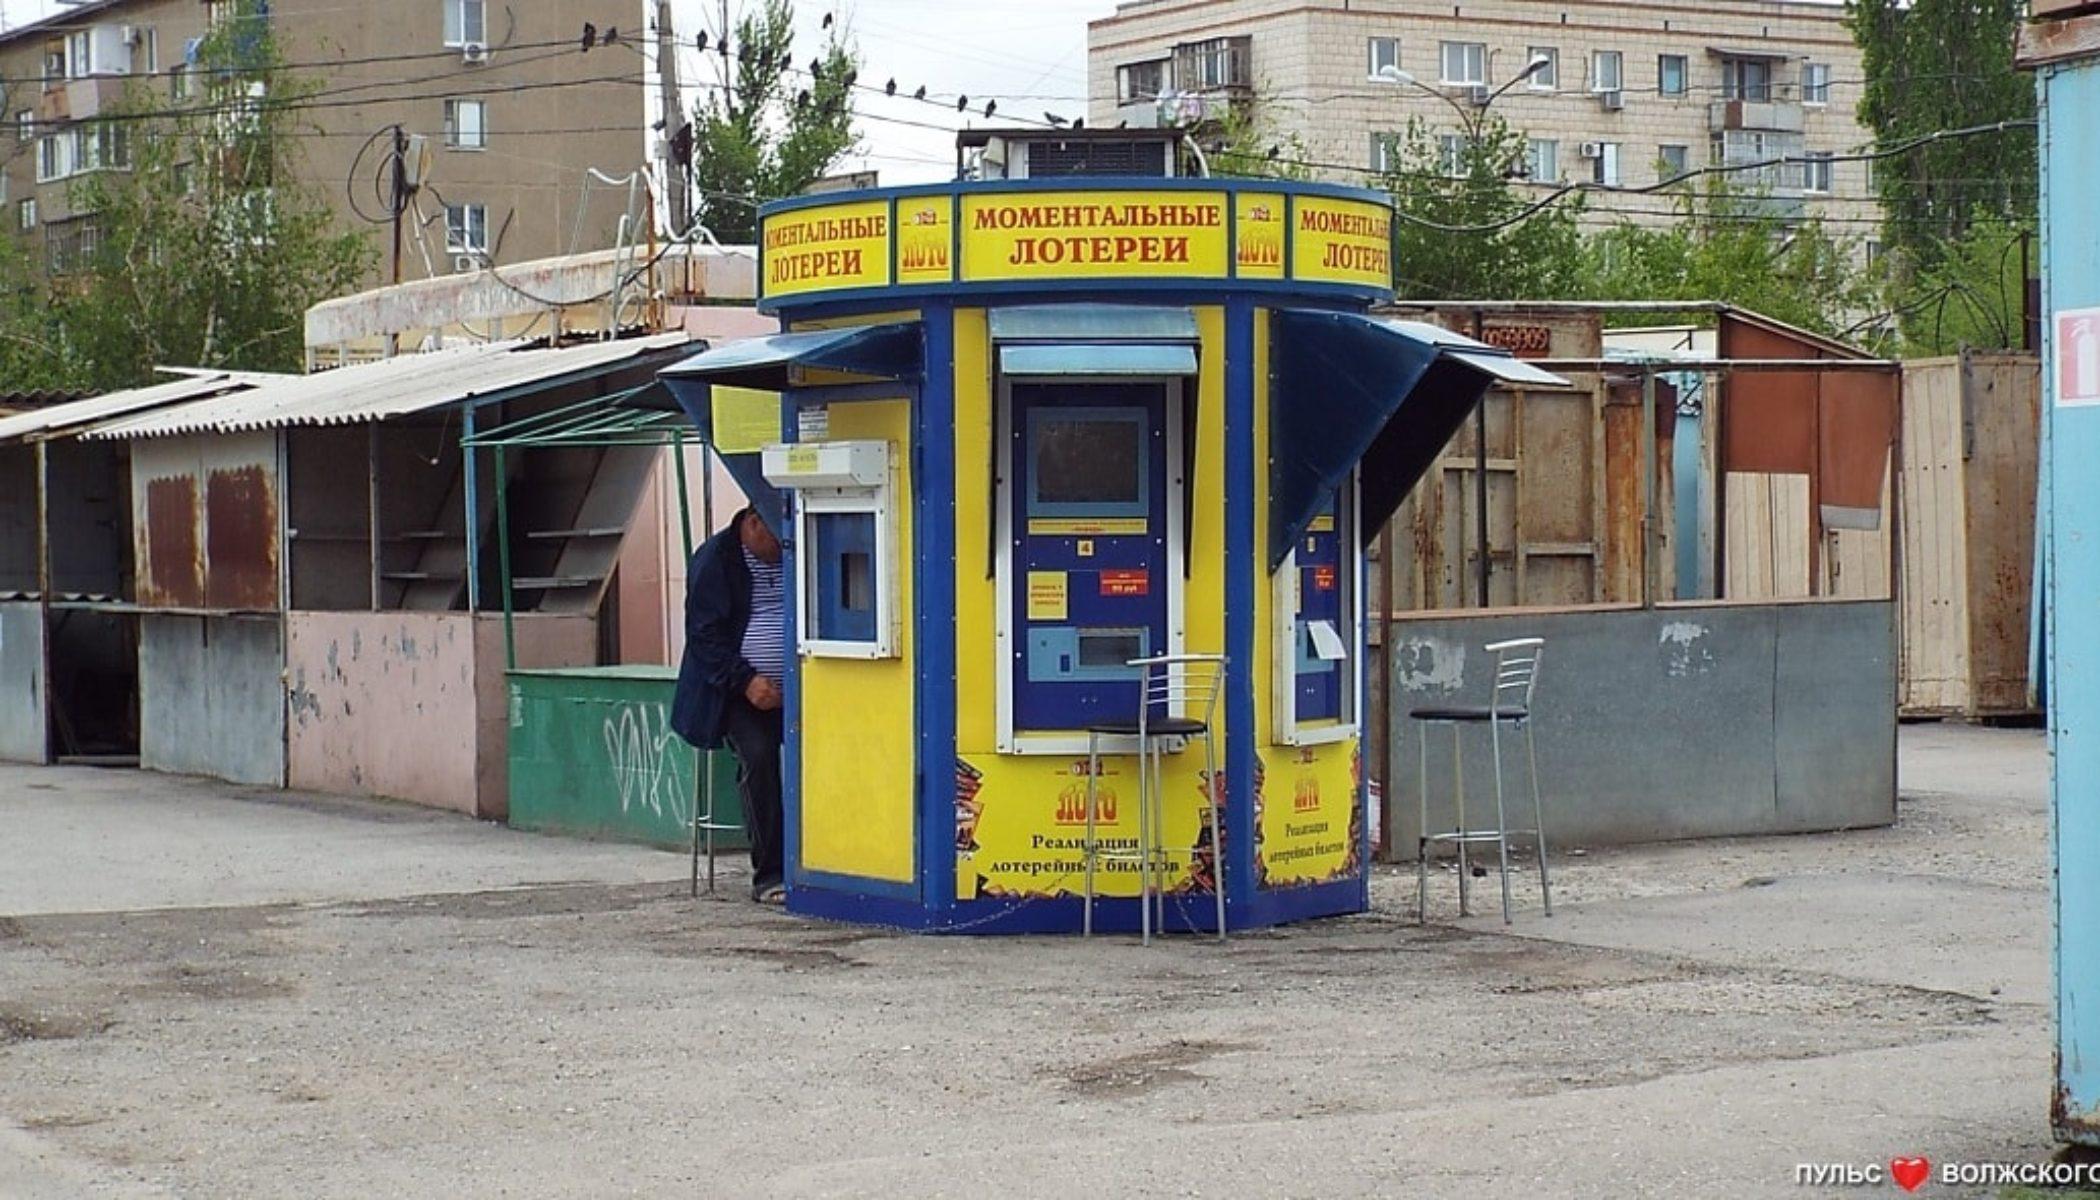 игровые автоматы моментальная лотерея